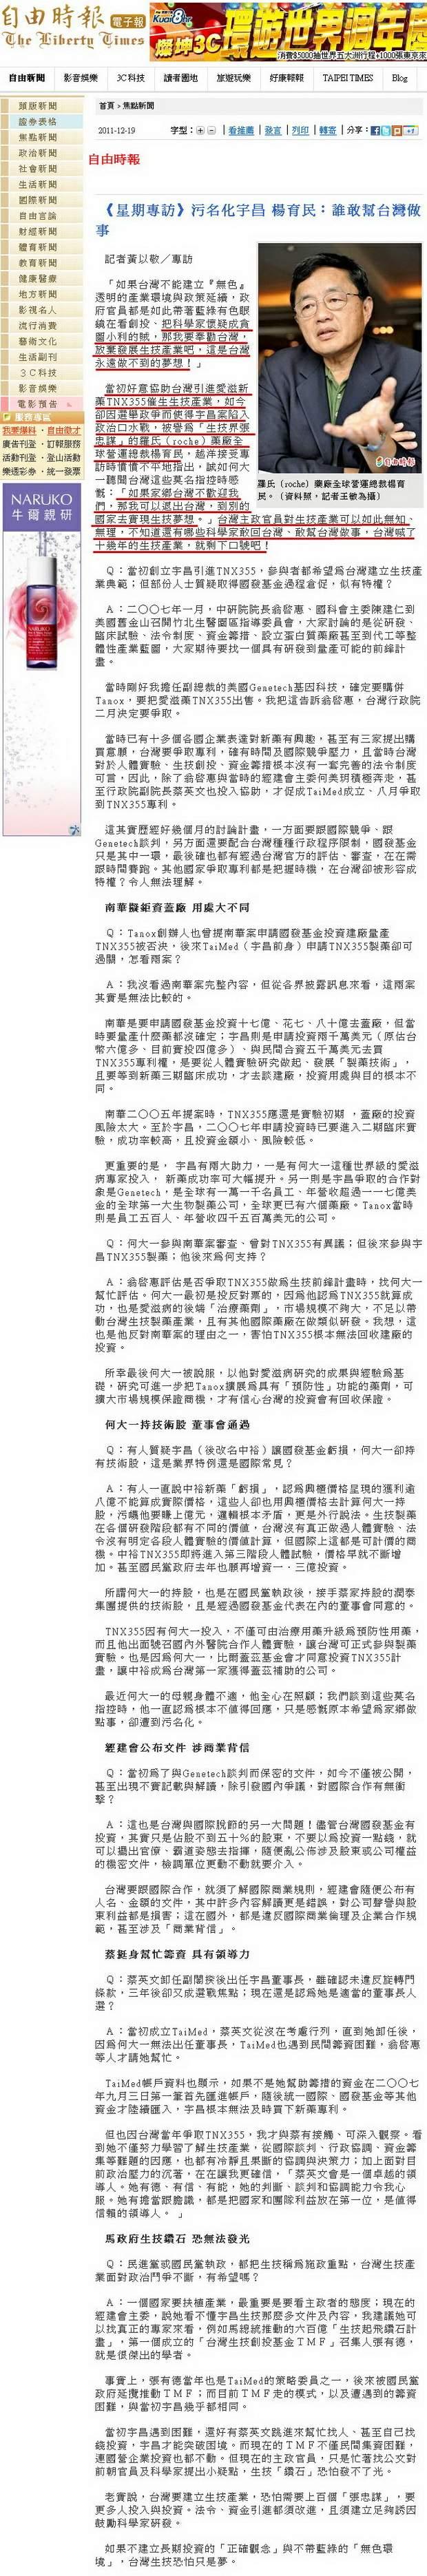 污名化宇昌 楊育民:誰敢幫台灣做事-2011.12.19-01.jpg